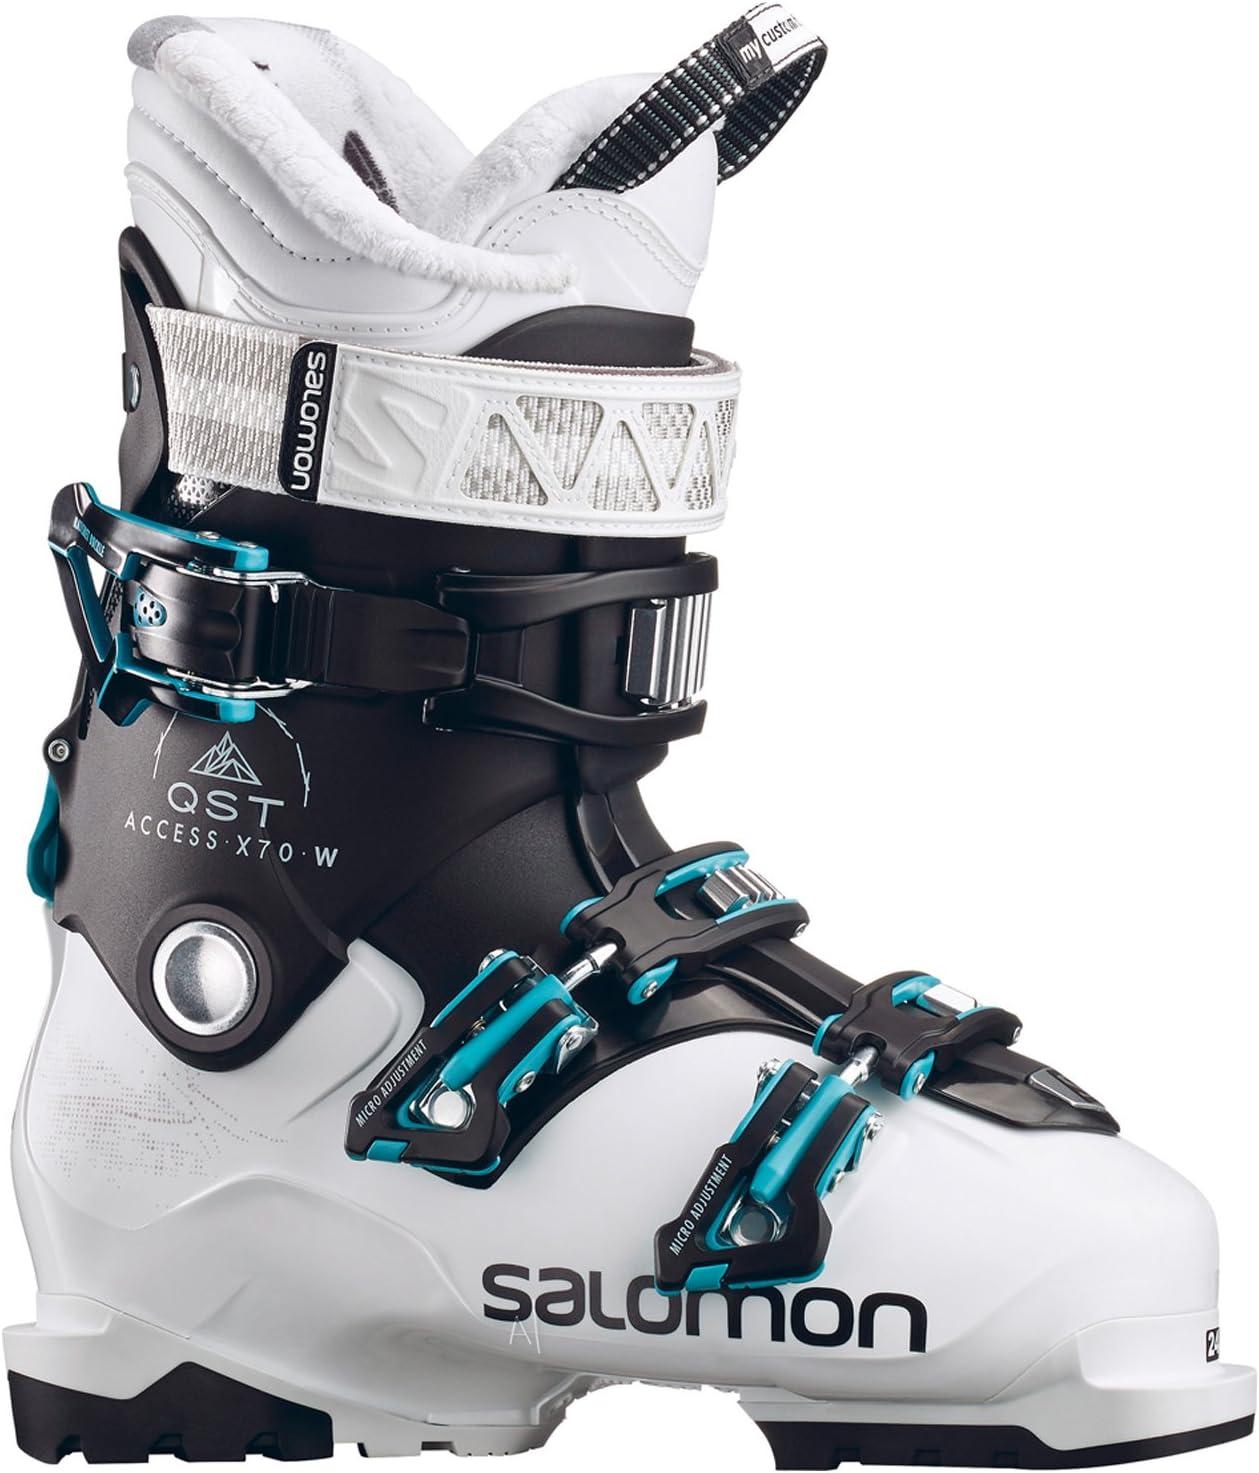 Salomon Damen Skischuh Qst Access 70 2018 Skischuhe